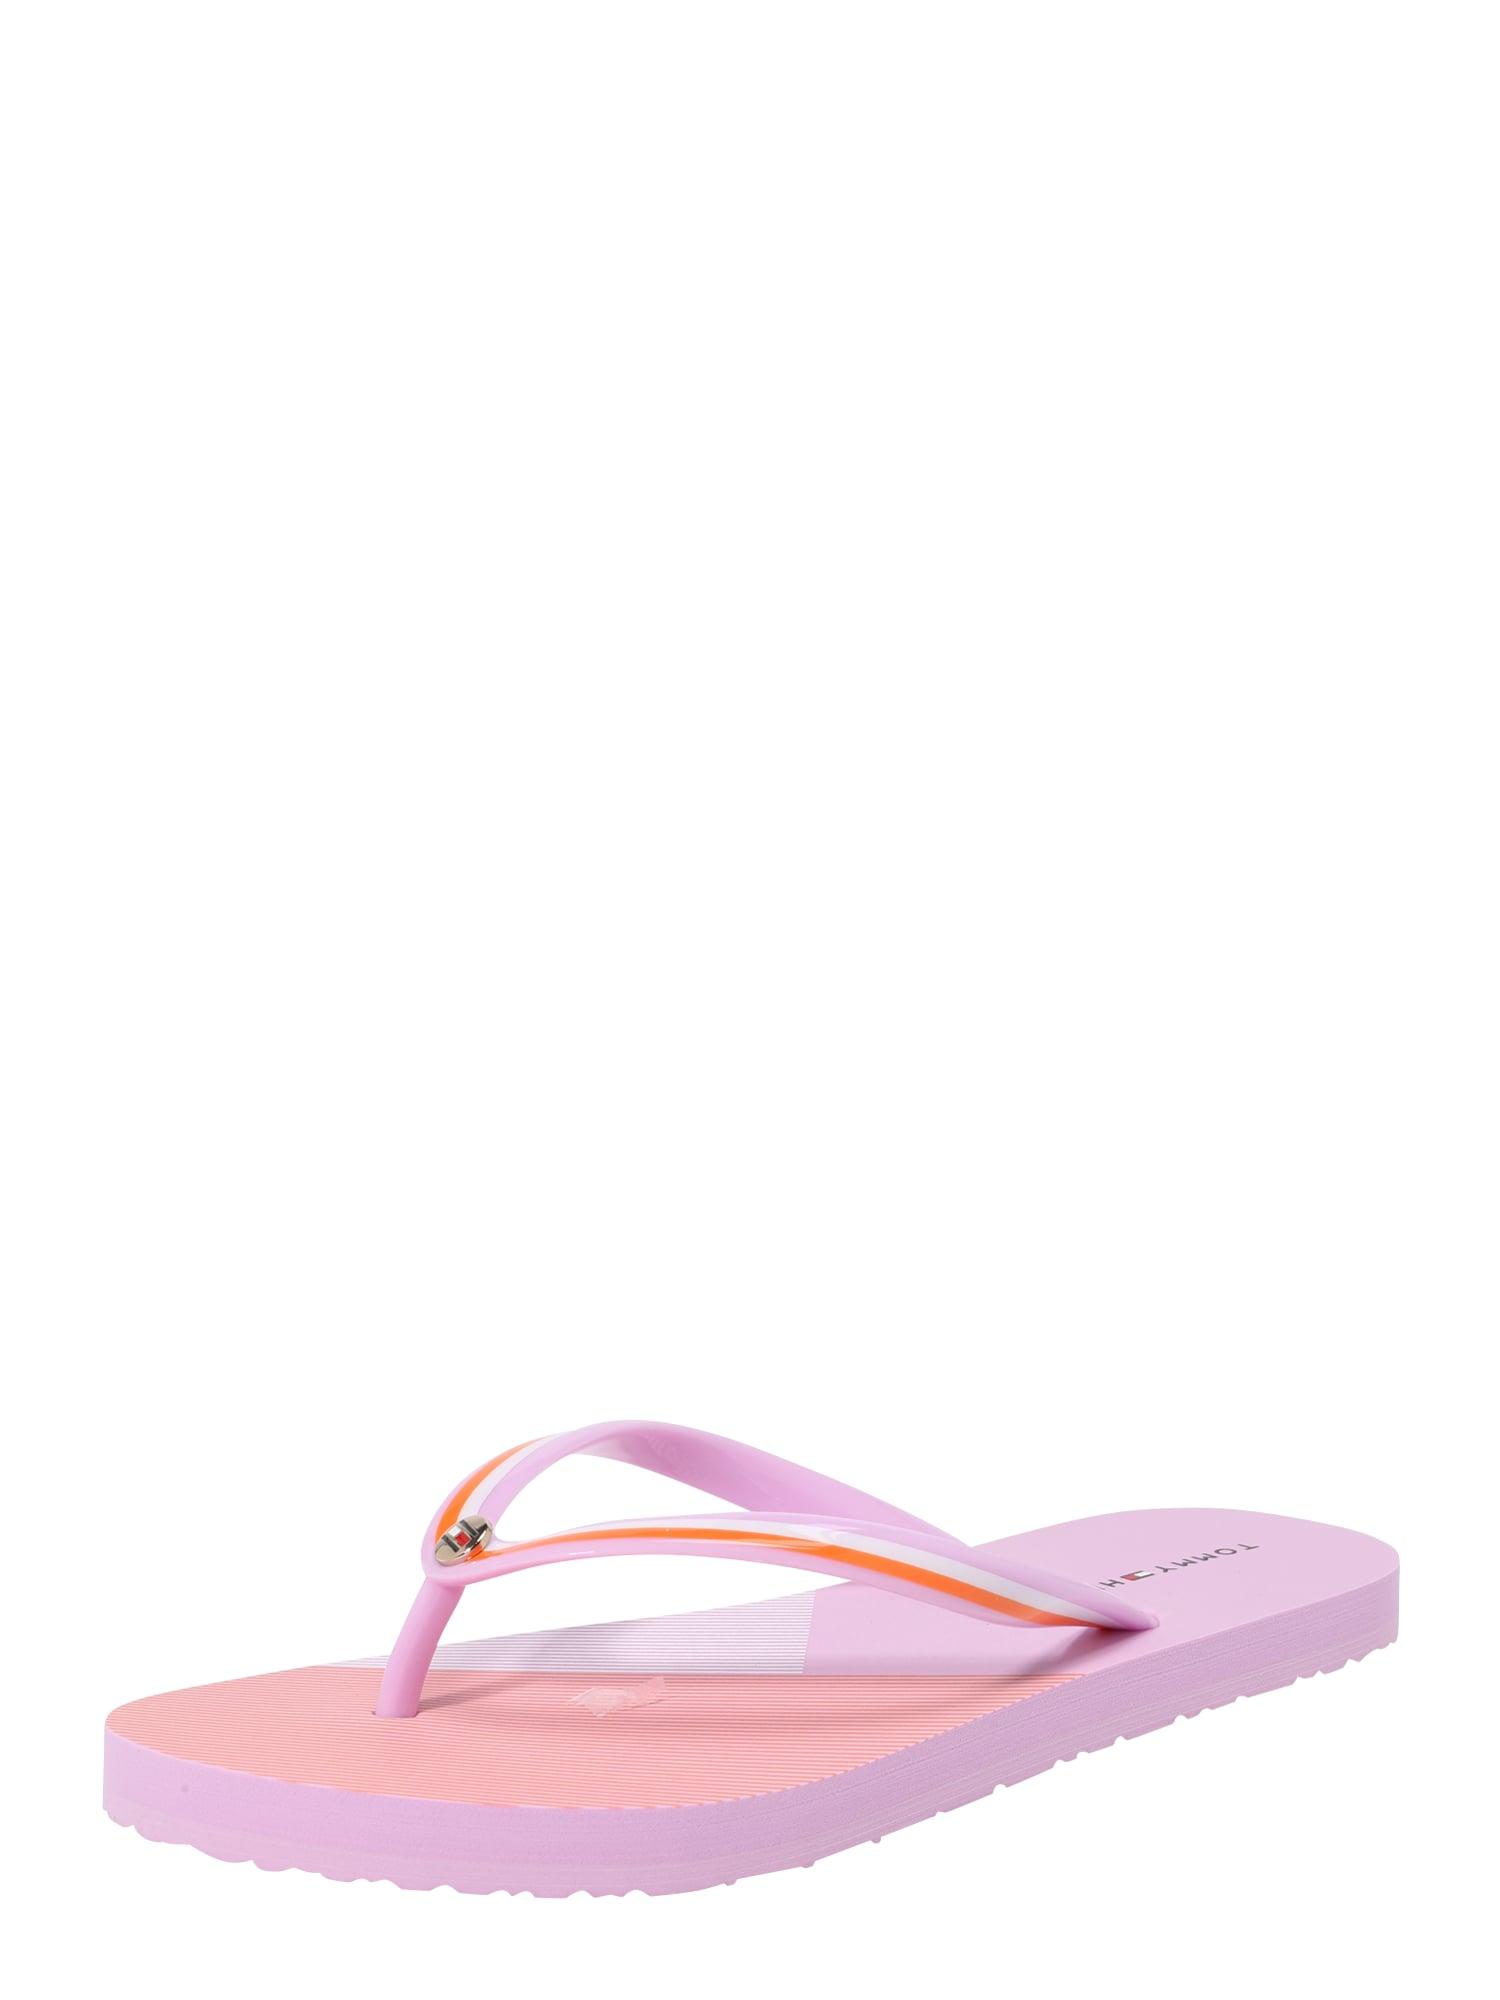 Žabky fialová oranžová pink černá bílá TOMMY HILFIGER